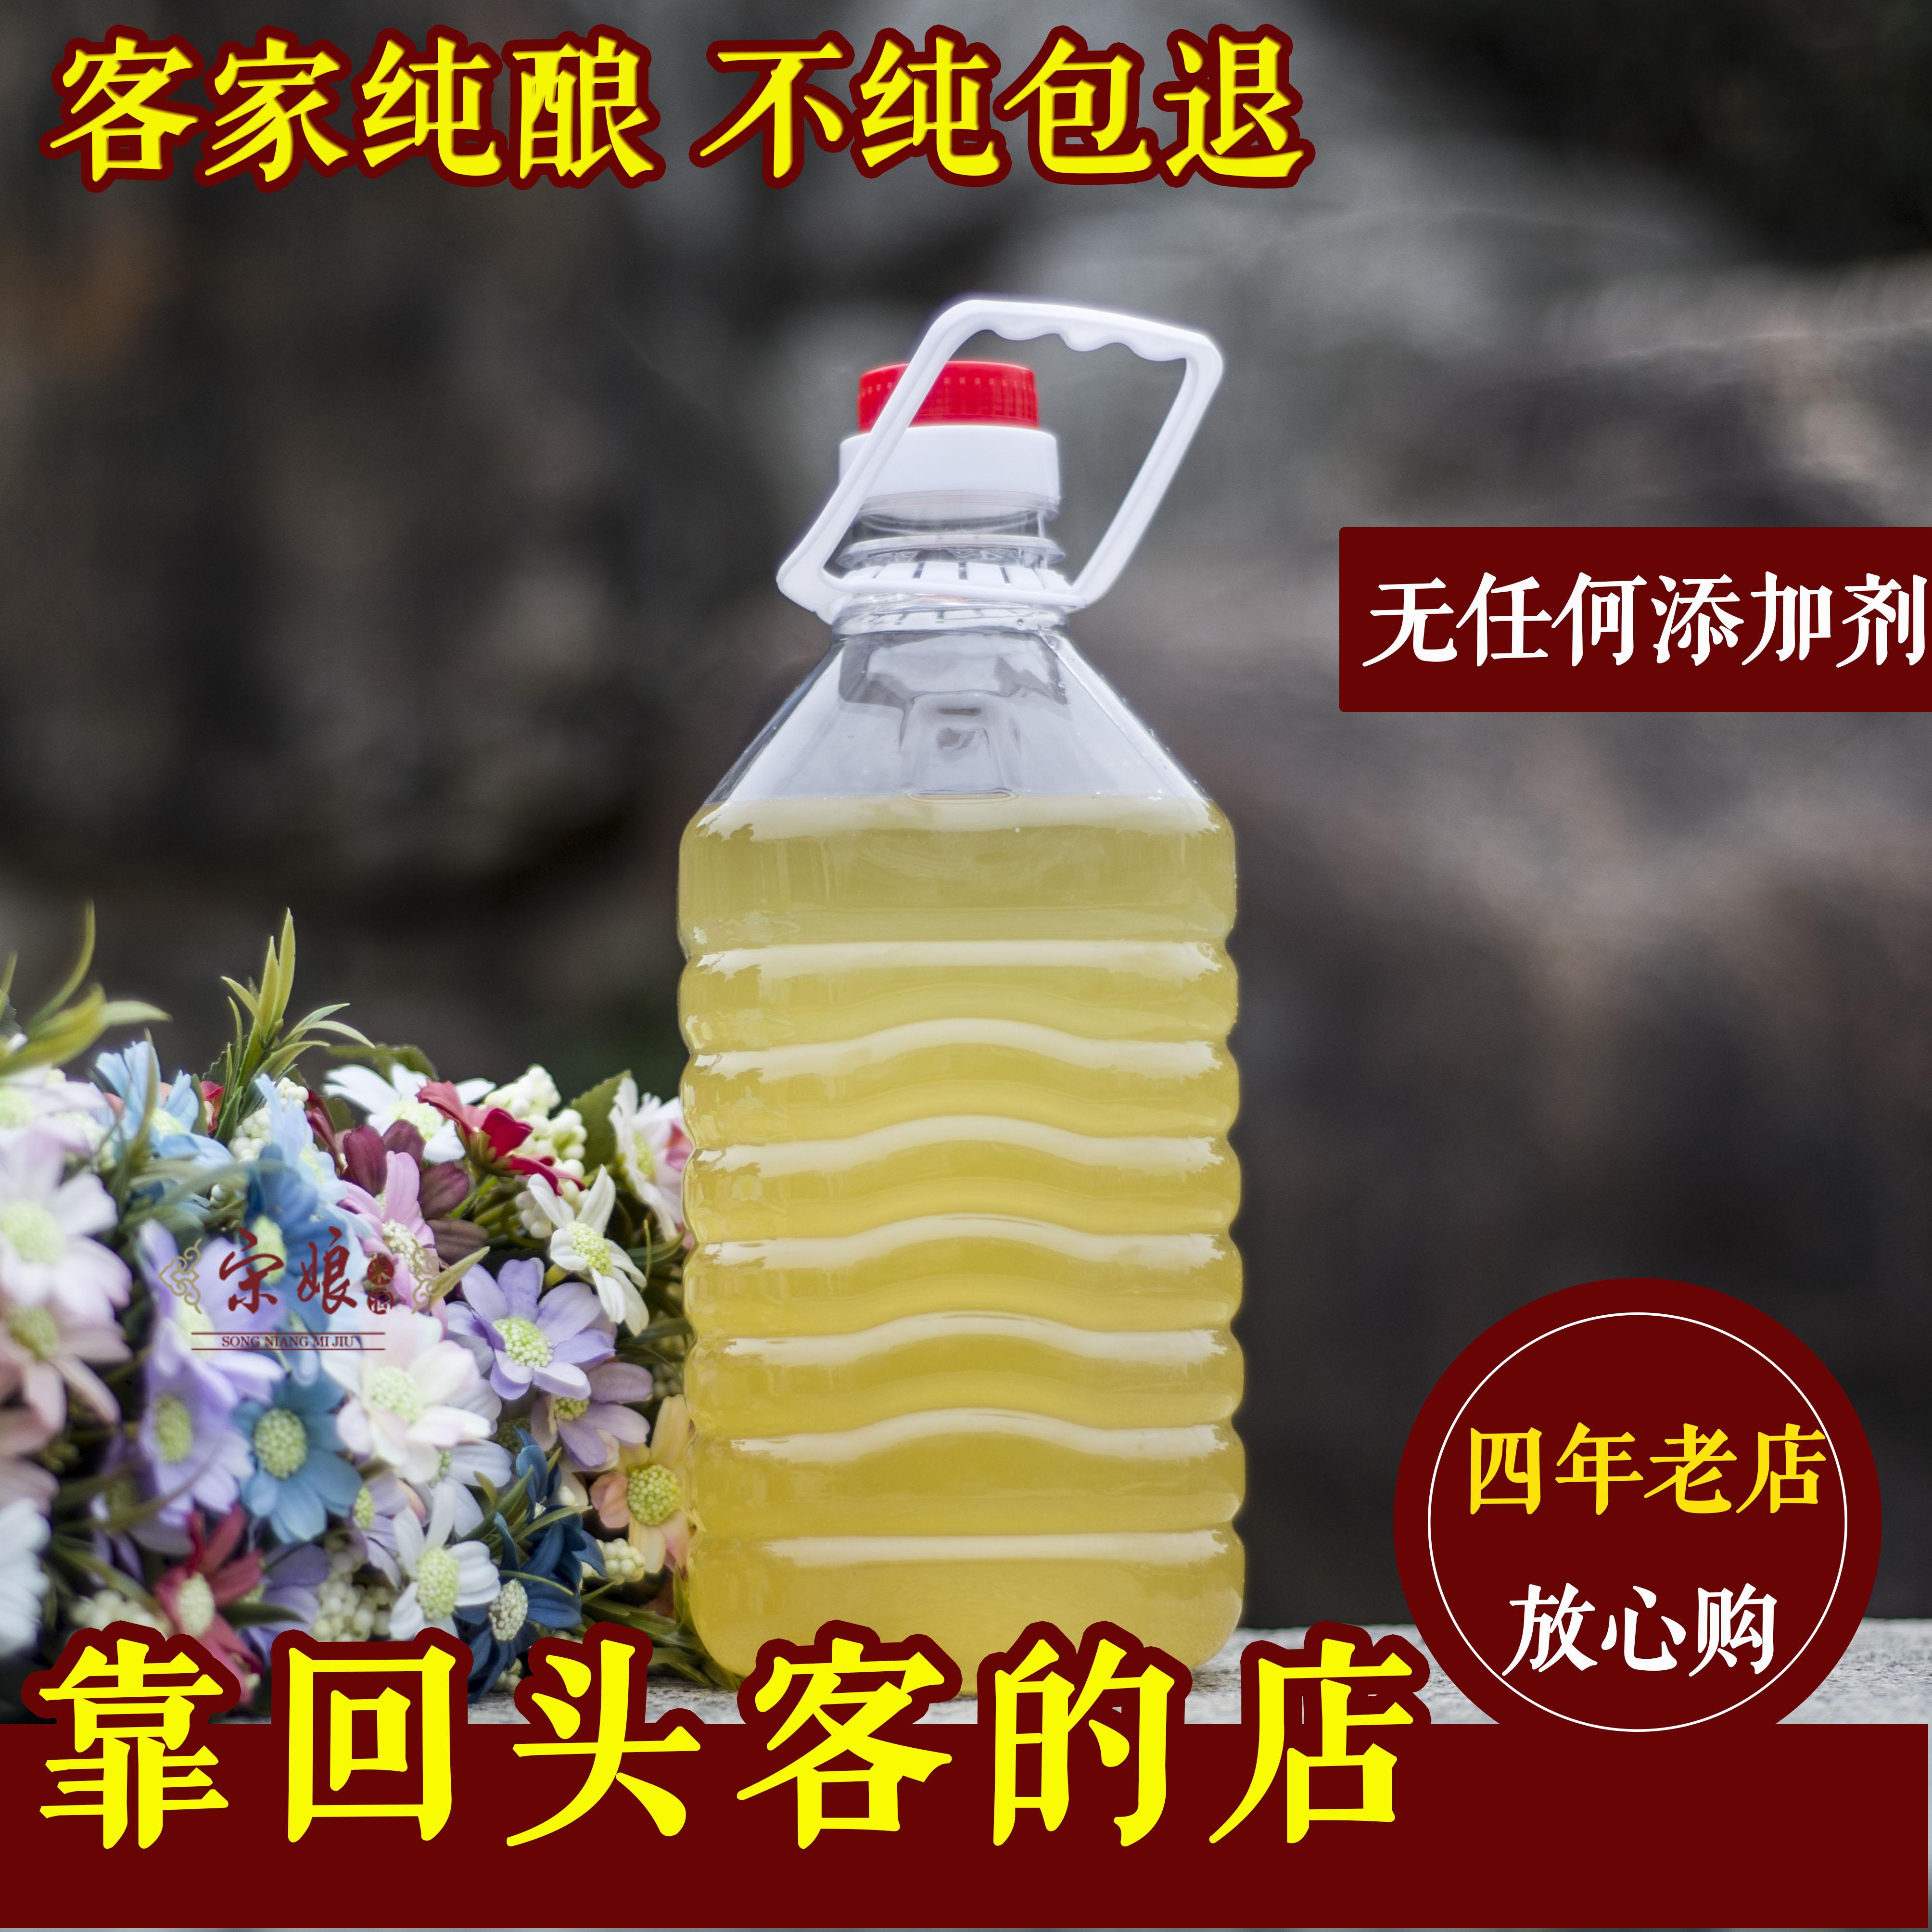 宋娘客家米酒农家自酿糯米酒黄酒 月子水 甜米酒 酒酿月子酒5斤装